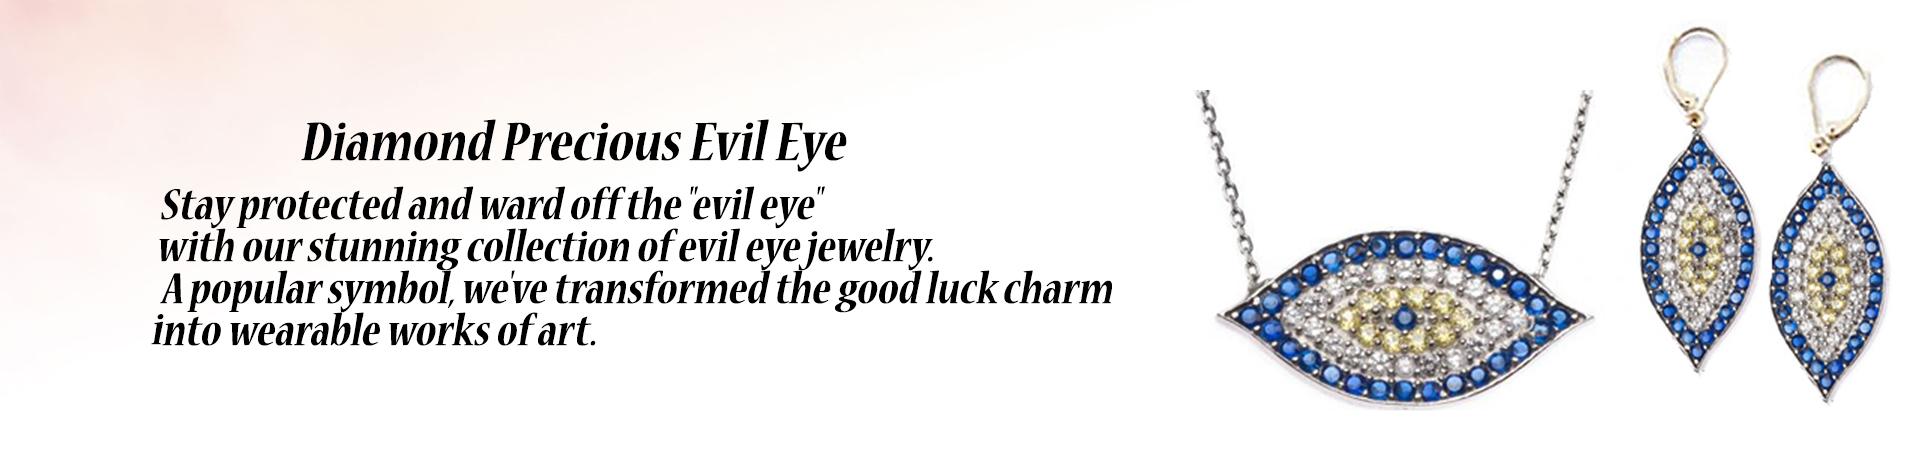 Diamond Precious Evil Eye